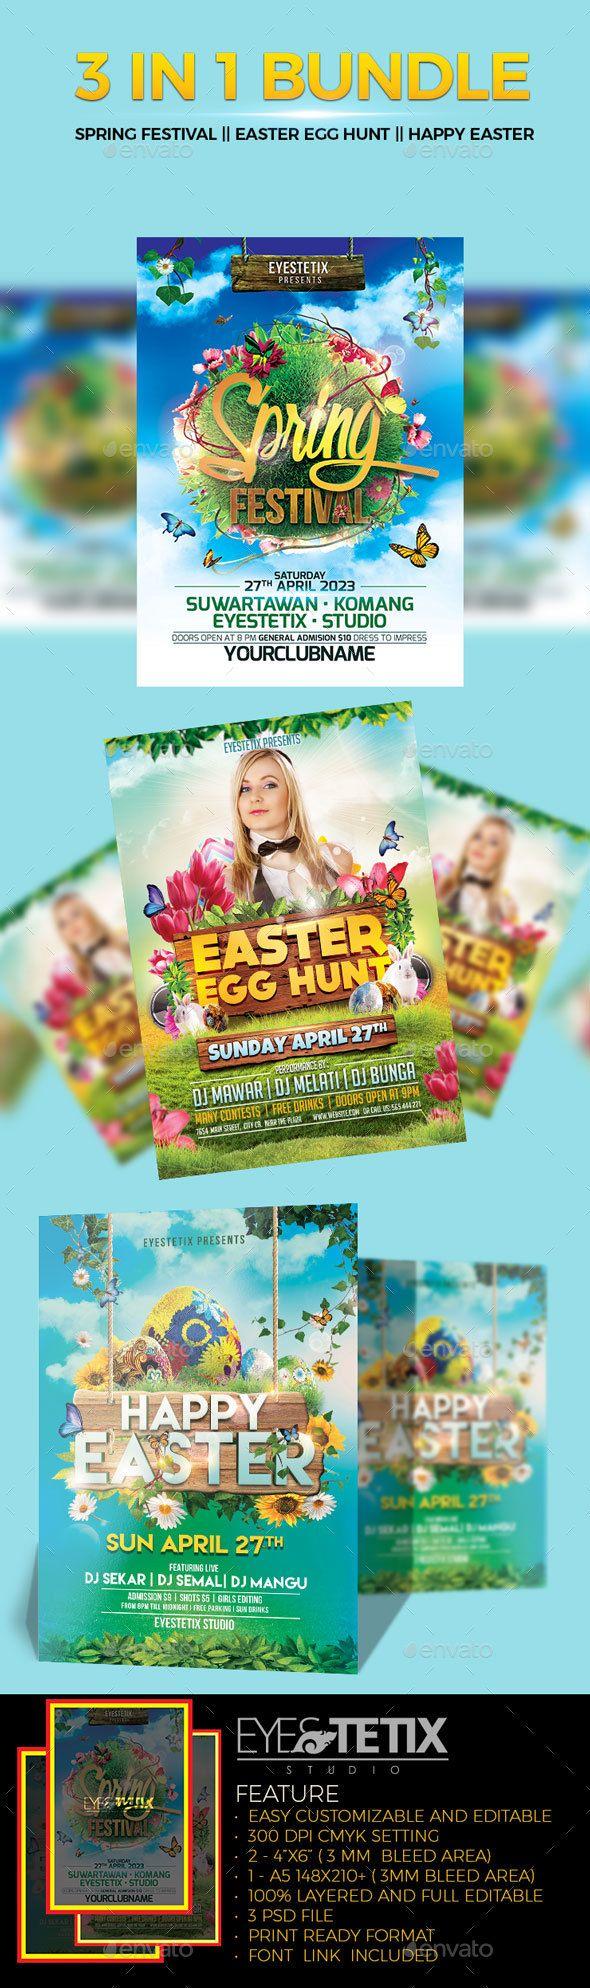 3 in 1 bondle Spring Festival - Easter Egg Hunt - Happy Easter flyer - Holidays Events